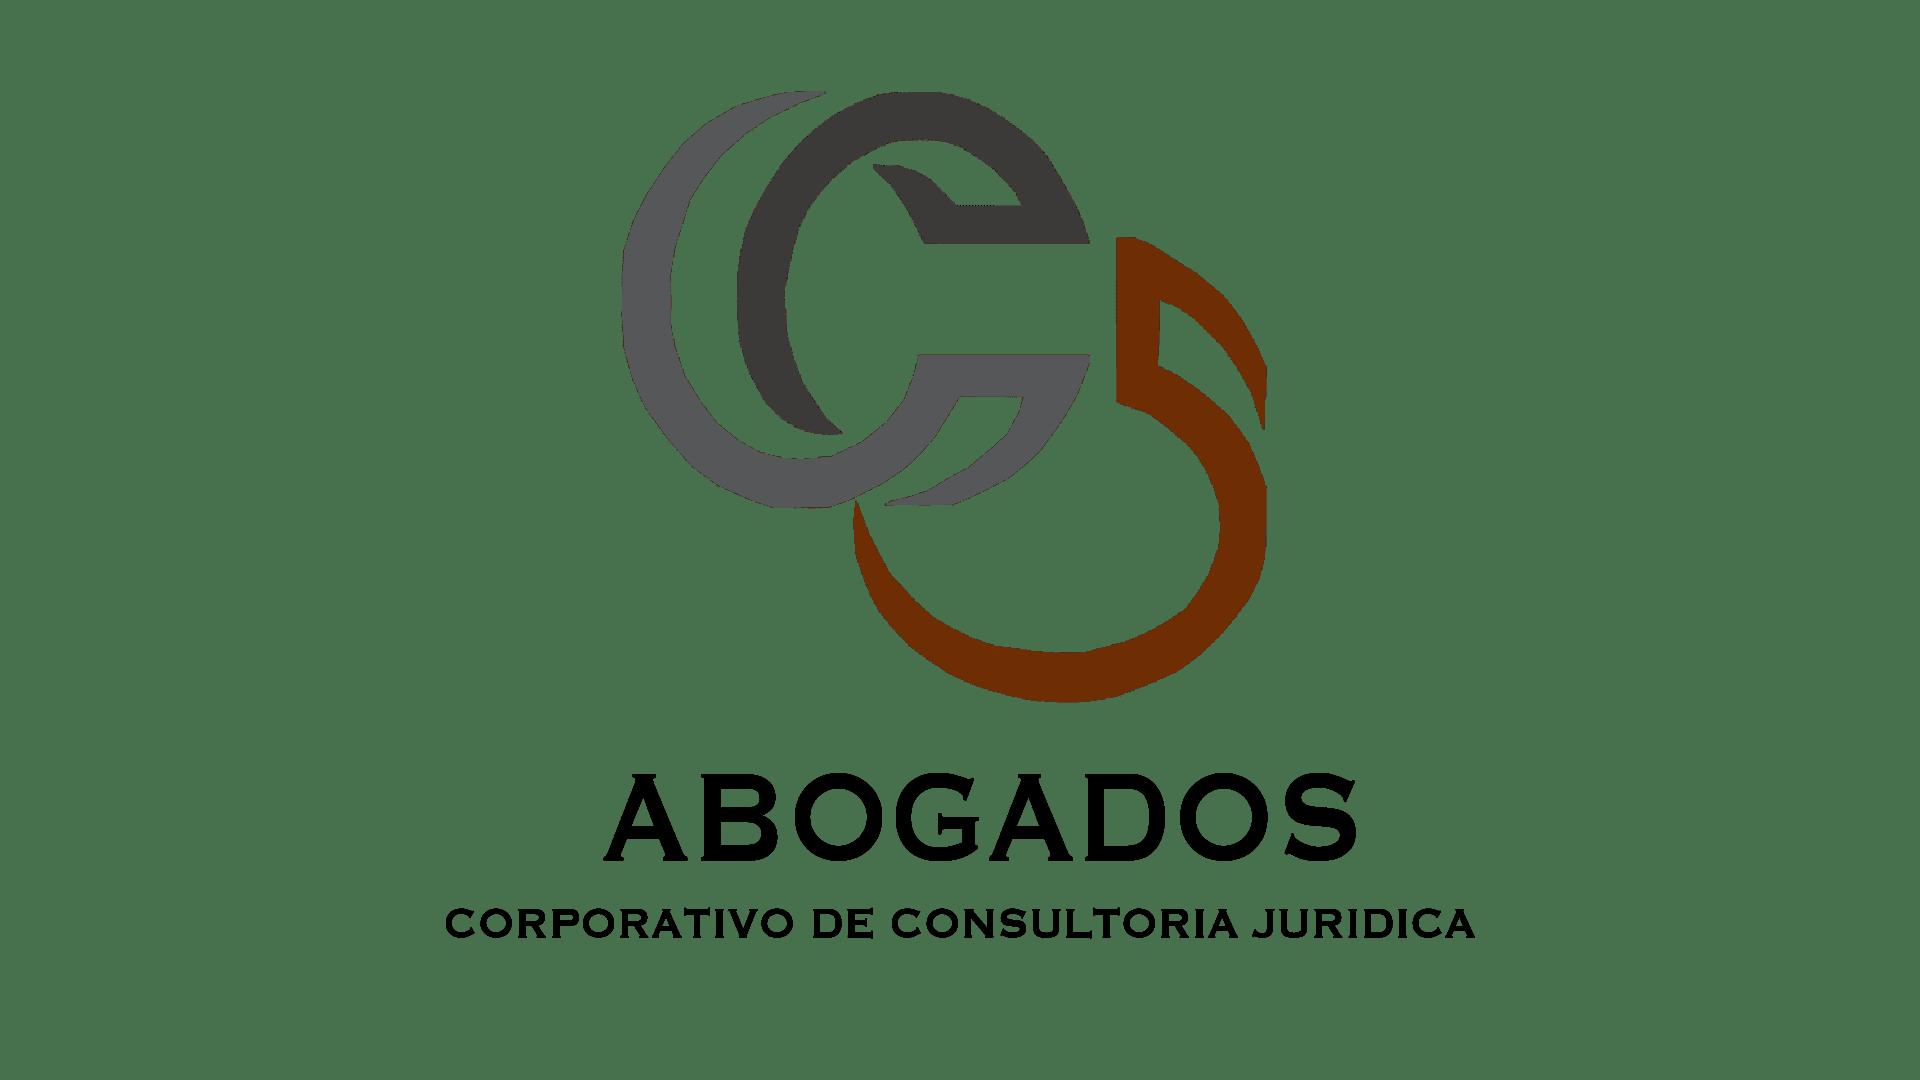 CORPORATIVO DE CONSULTORÍA JURÍDICA - consultoría jurídica